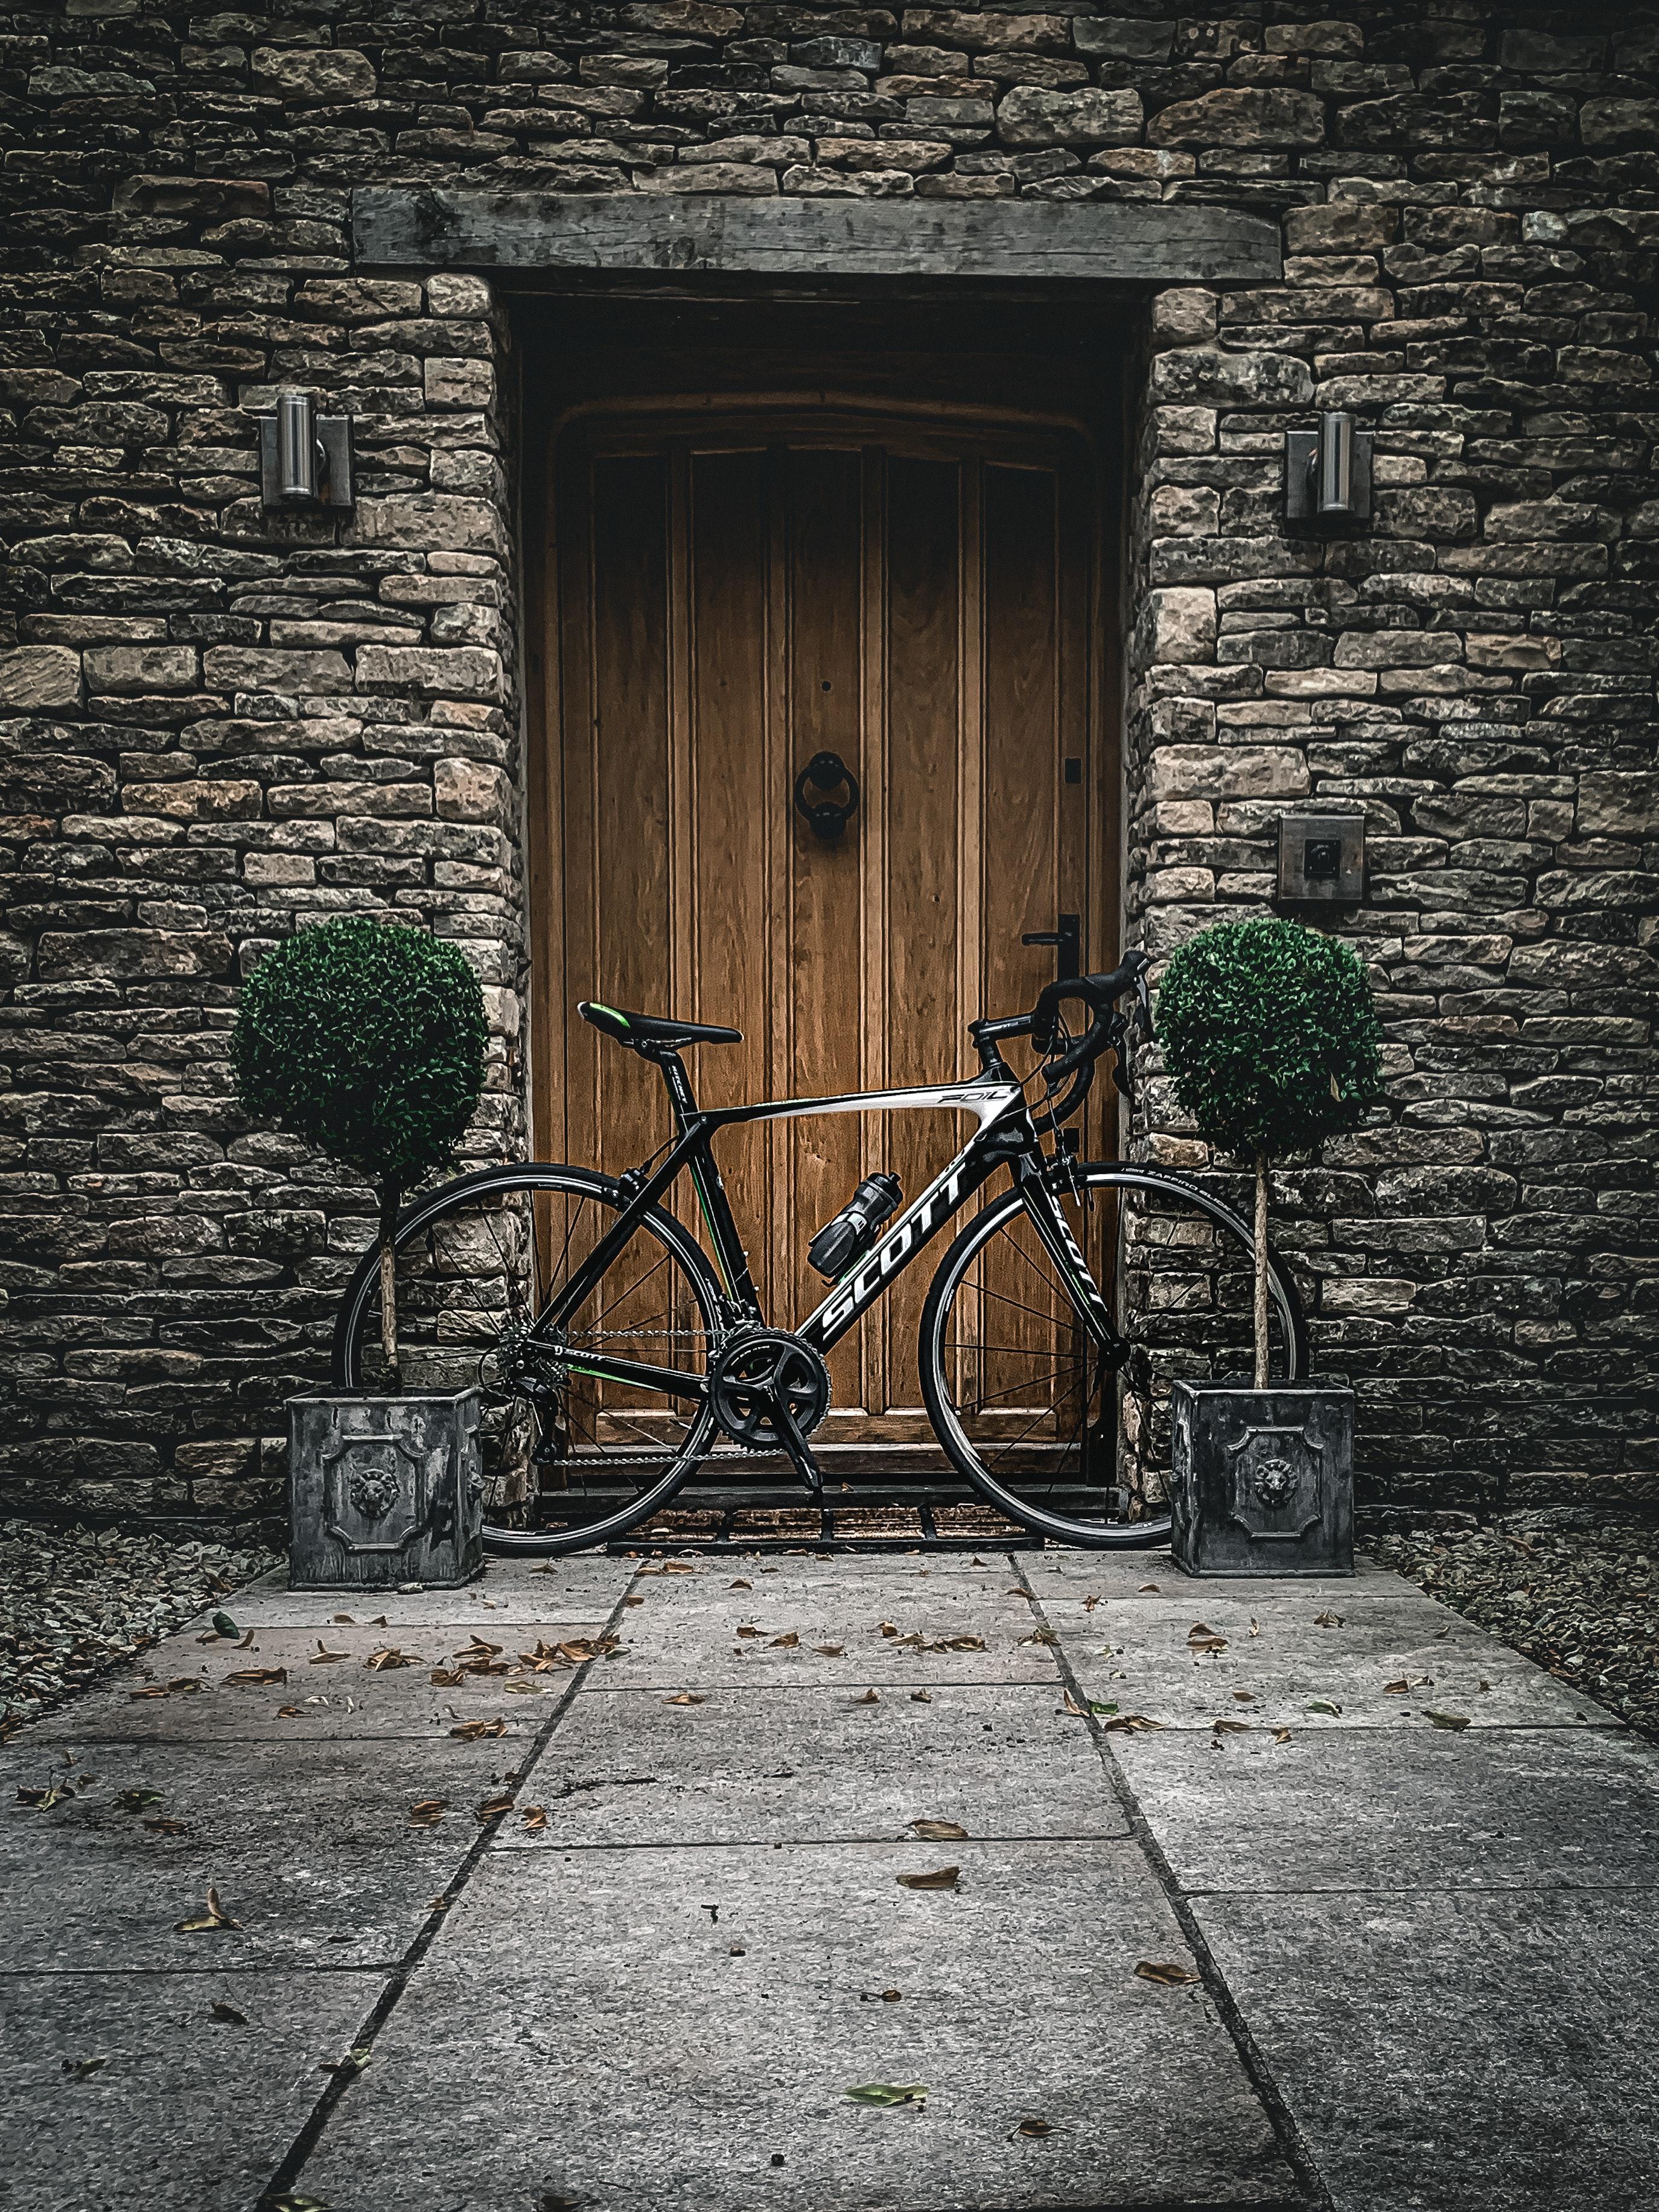 124953 Hintergrundbild herunterladen Pflanzen, Verschiedenes, Sonstige, Wand, Stein, Fahrrad, Eine Tür, Die Tür - Bildschirmschoner und Bilder kostenlos